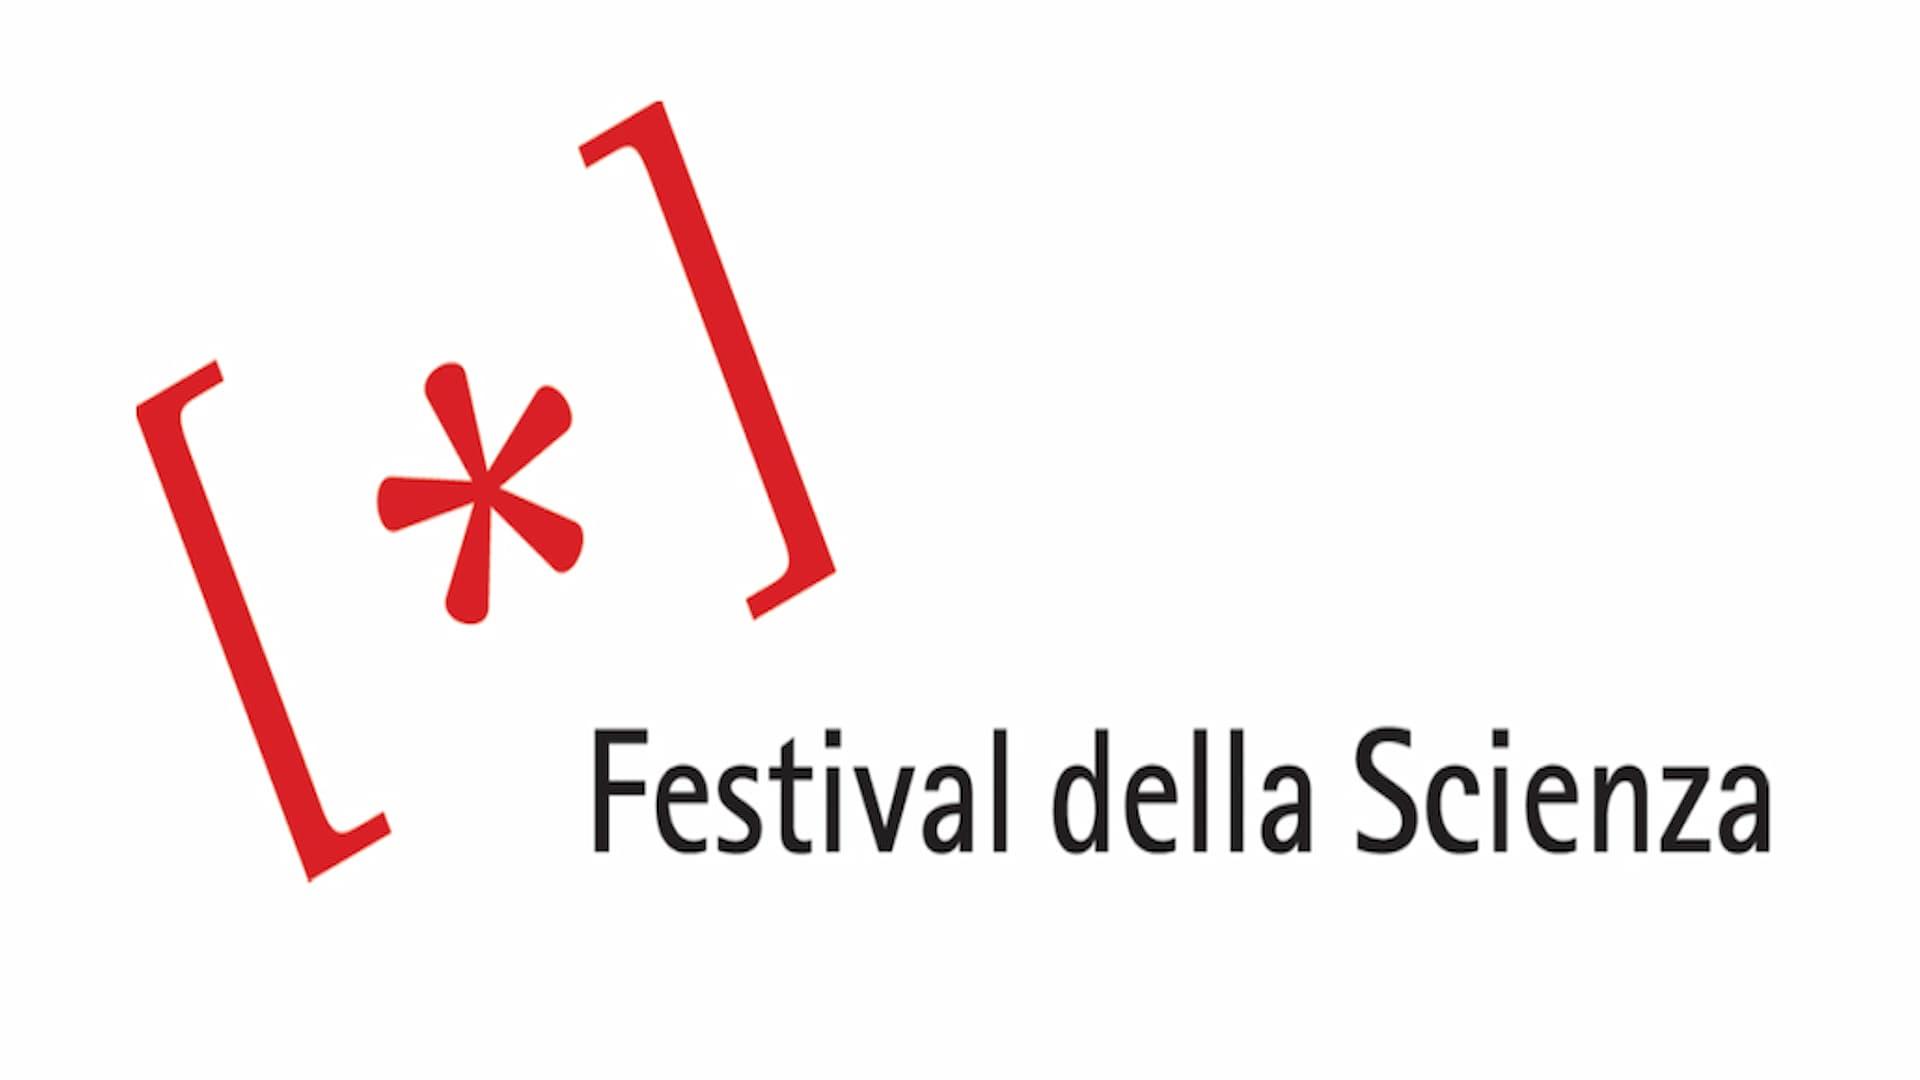 ASI - L'ASI al Festival della Scienza di Genova